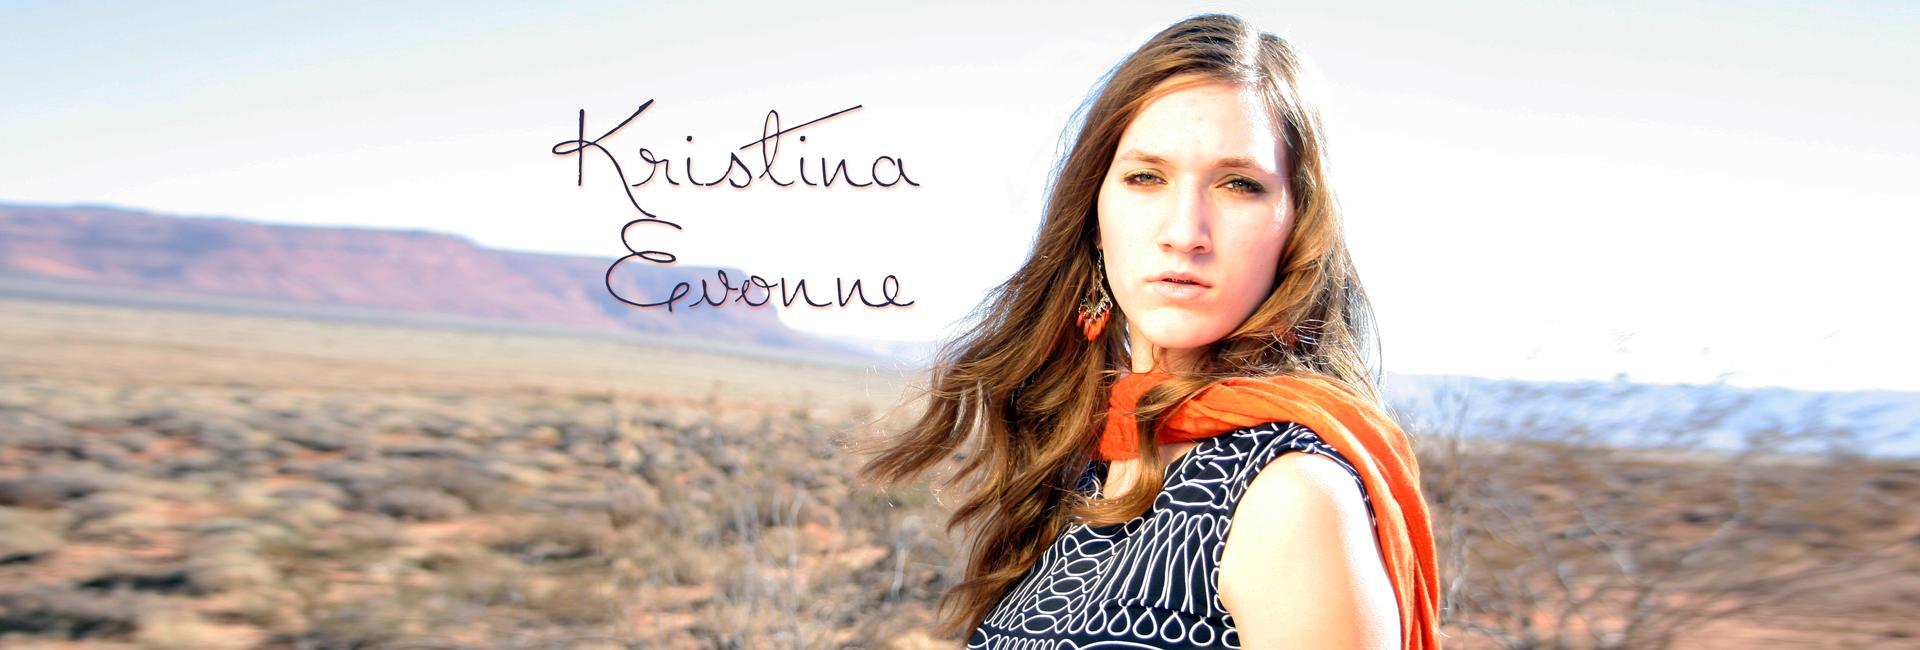 Kristina Evonne - Singer Songwriter